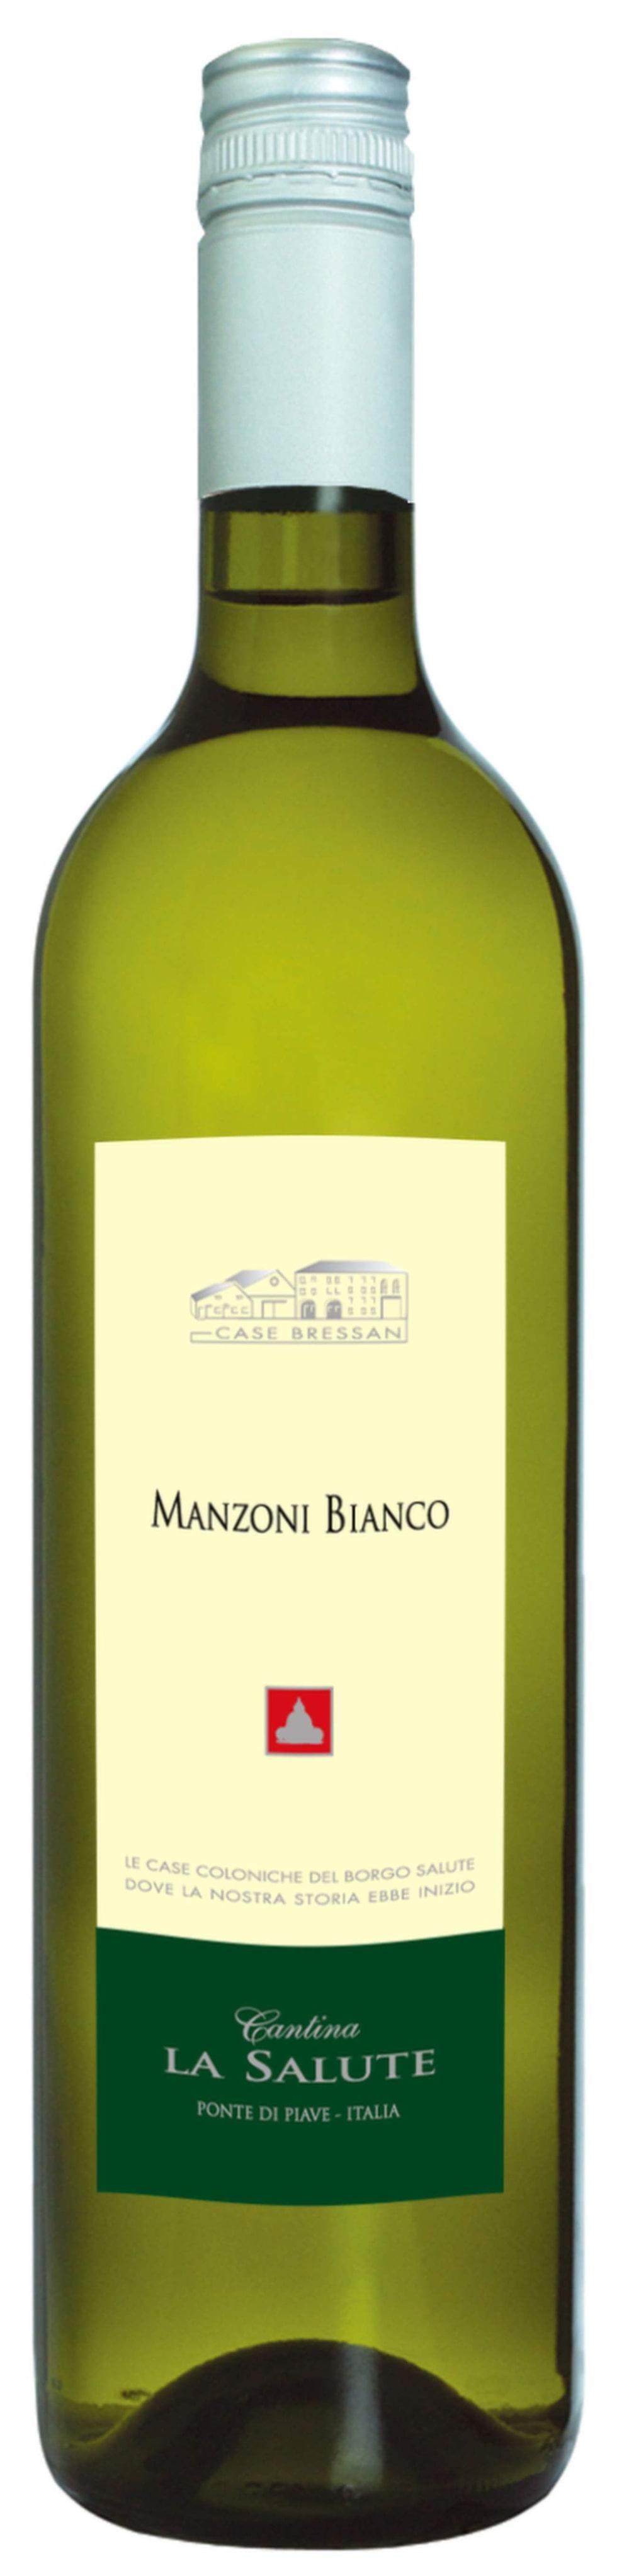 """Vitt<br><strong>Manzoni Bianco 2013</strong><br>(2400) Italien, 81 kronor<br>Druvigt med drag av citruspastiller i lätt örtig stil. Syrlig eftersmak. Förslagsvis till pasta med krämig tonfisksås.<br><exp:icon type=""""wasp""""></exp:icon><exp:icon type=""""wasp""""></exp:icon><exp:icon type=""""wasp""""></exp:icon>"""